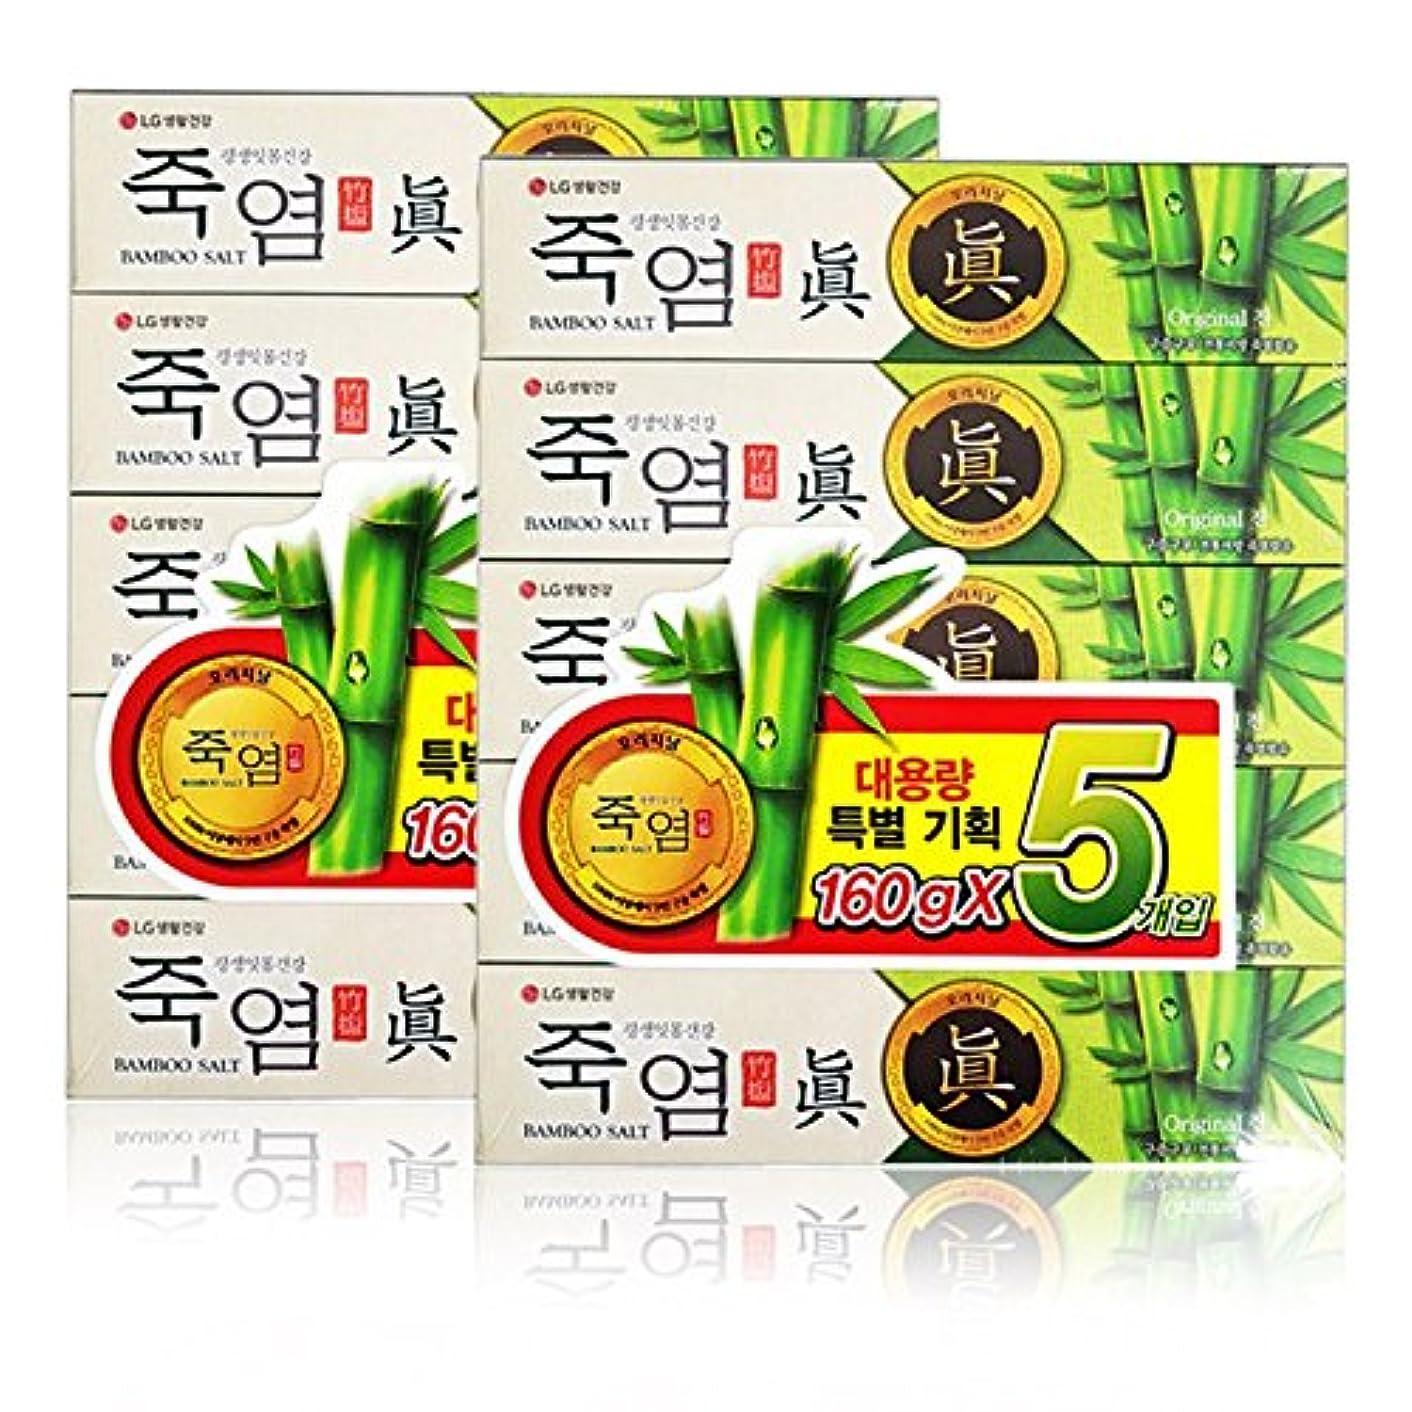 地震幾何学ターゲット[LG電子の生活と健康] LG 竹塩オリジナル歯磨き粉160g*10つの(海外直送品)